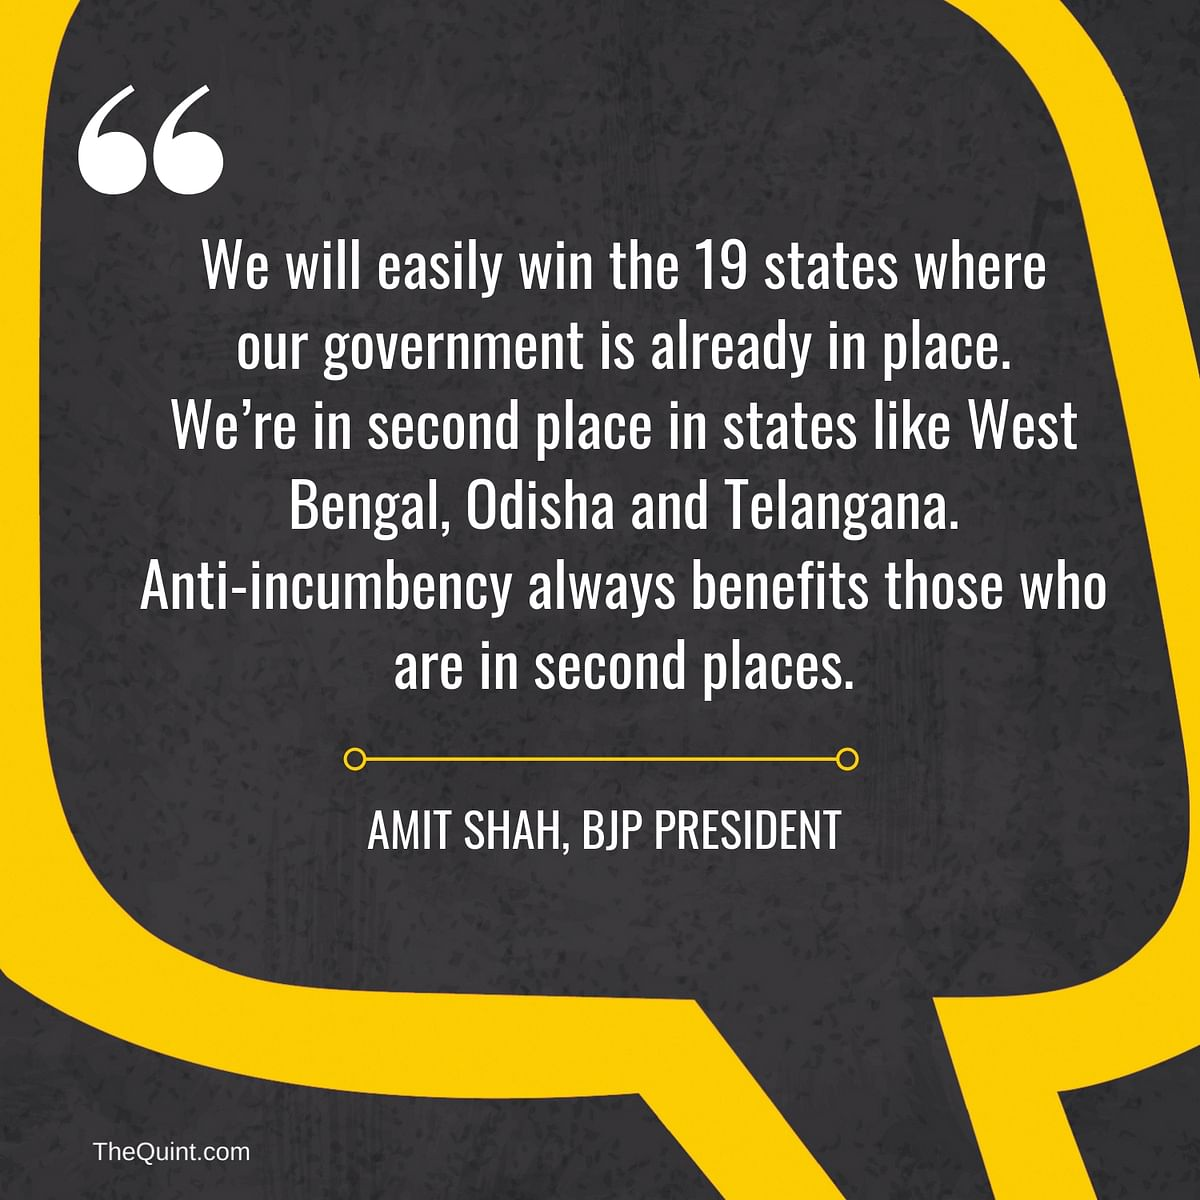 8 Things Amit Shah Said at the BJP National Executive Meet